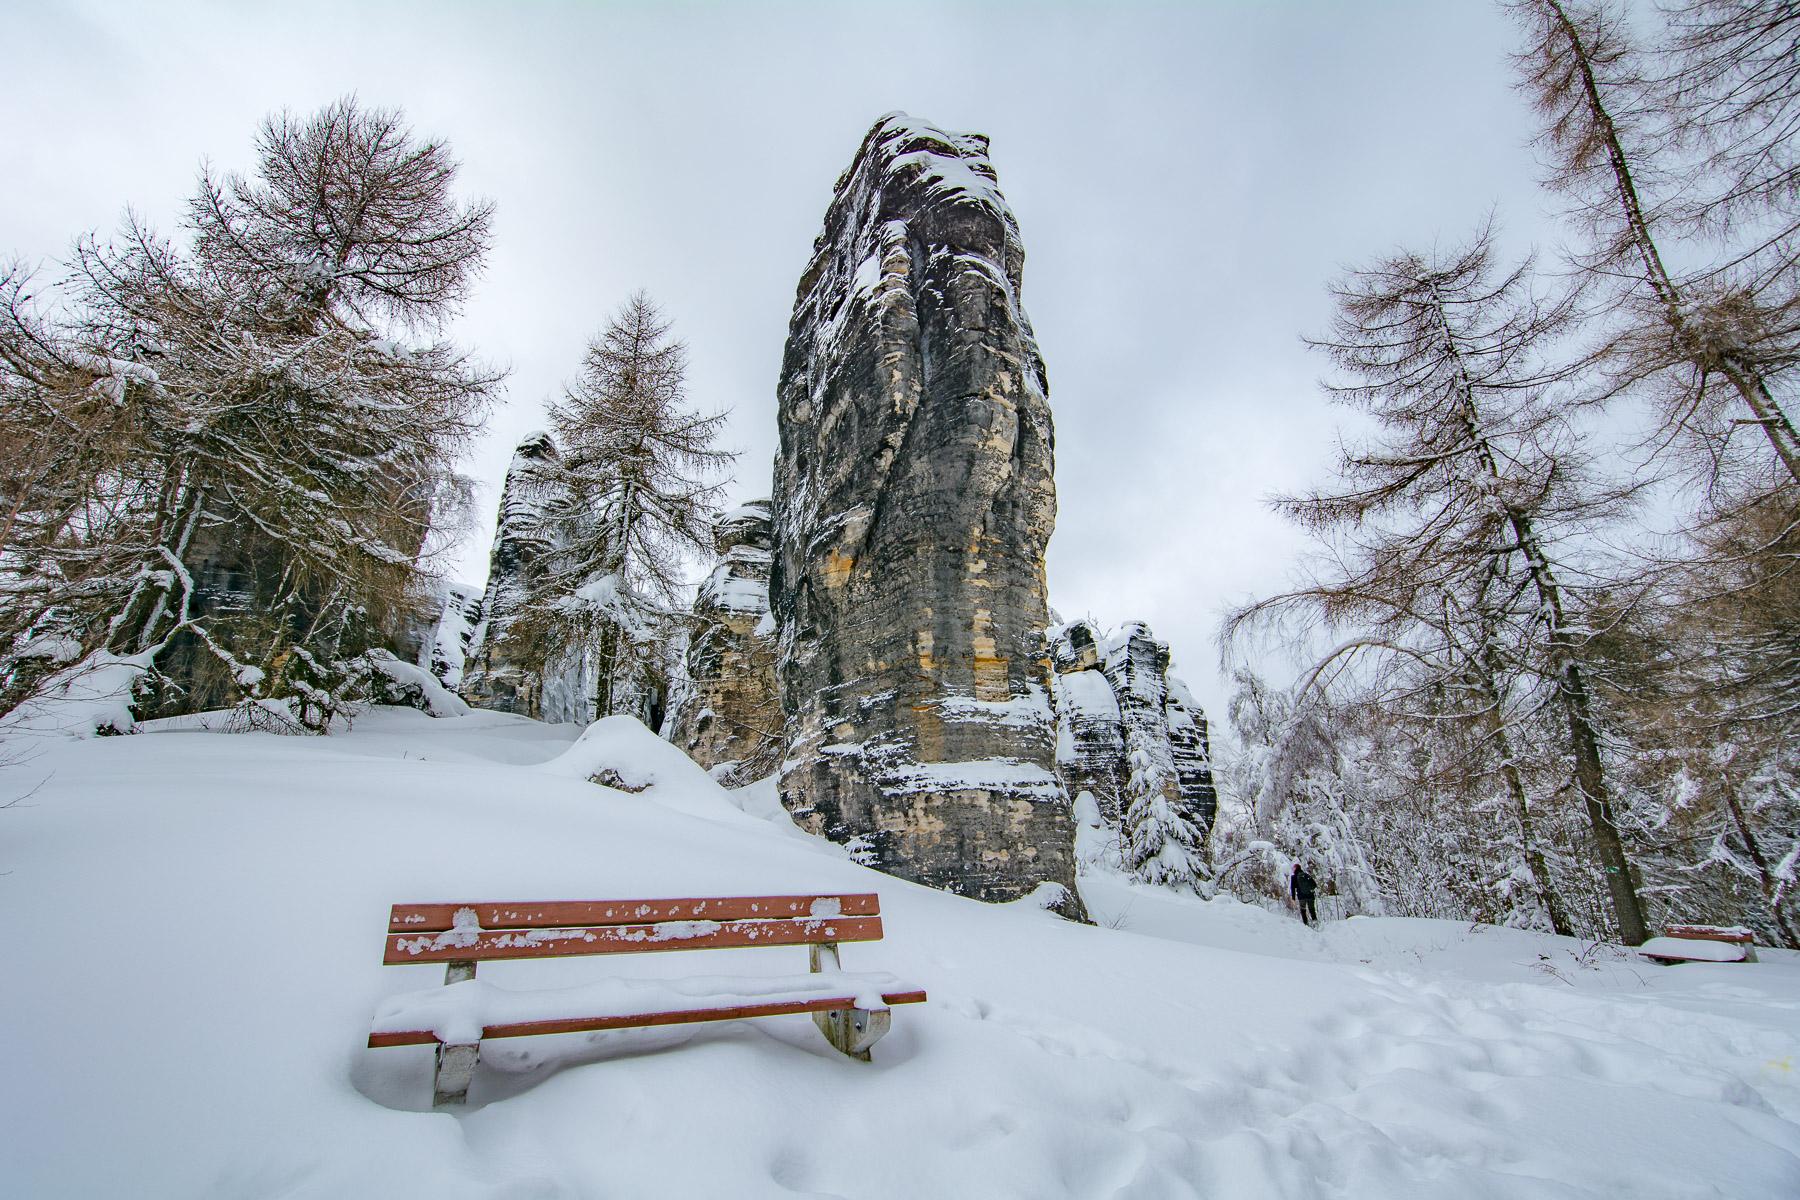 Tiské stěny pod příkrovem sněhu